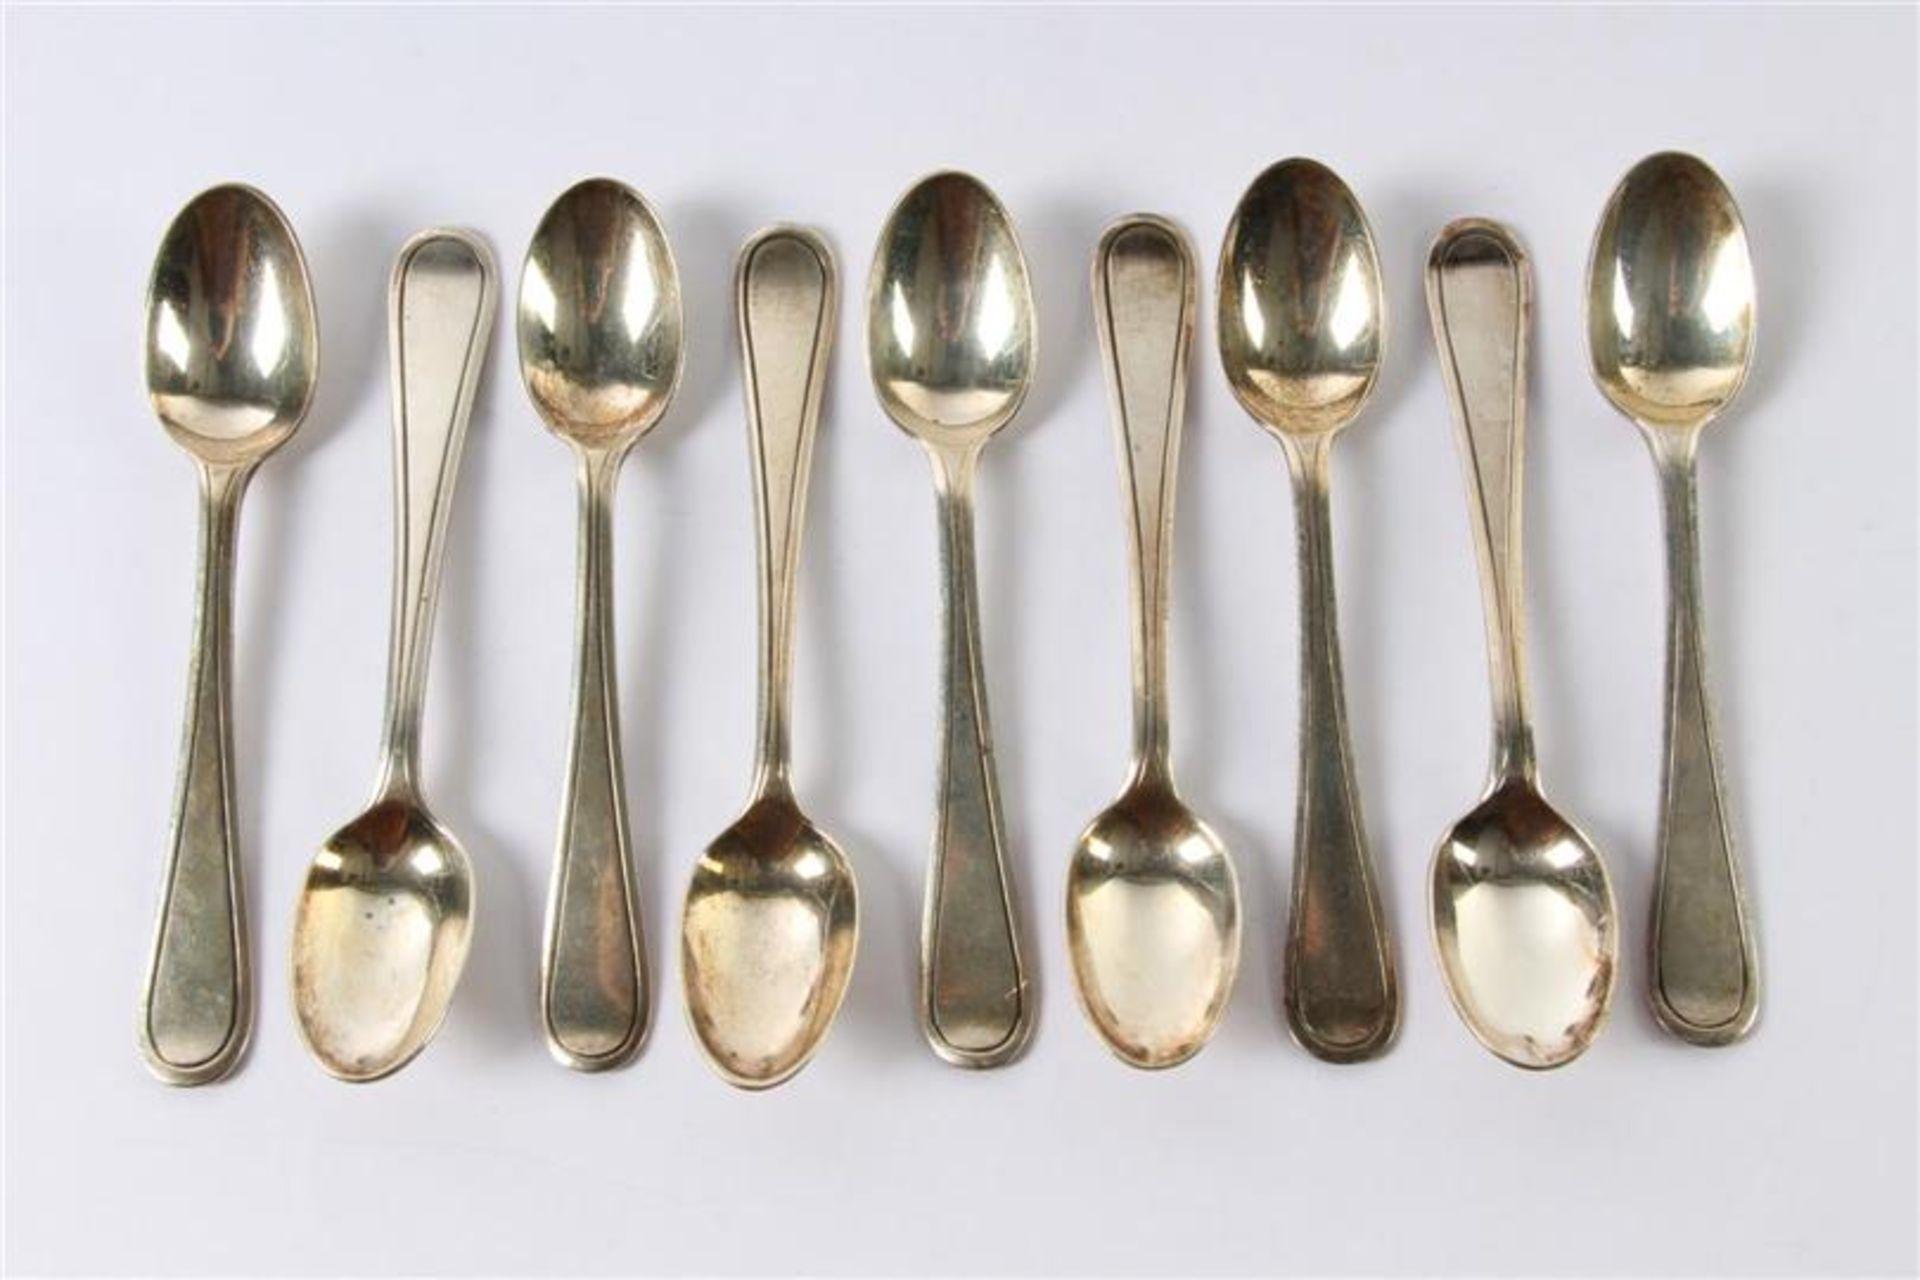 Los 59 - Negen zilveren theelepels. Gewicht: 164 g.